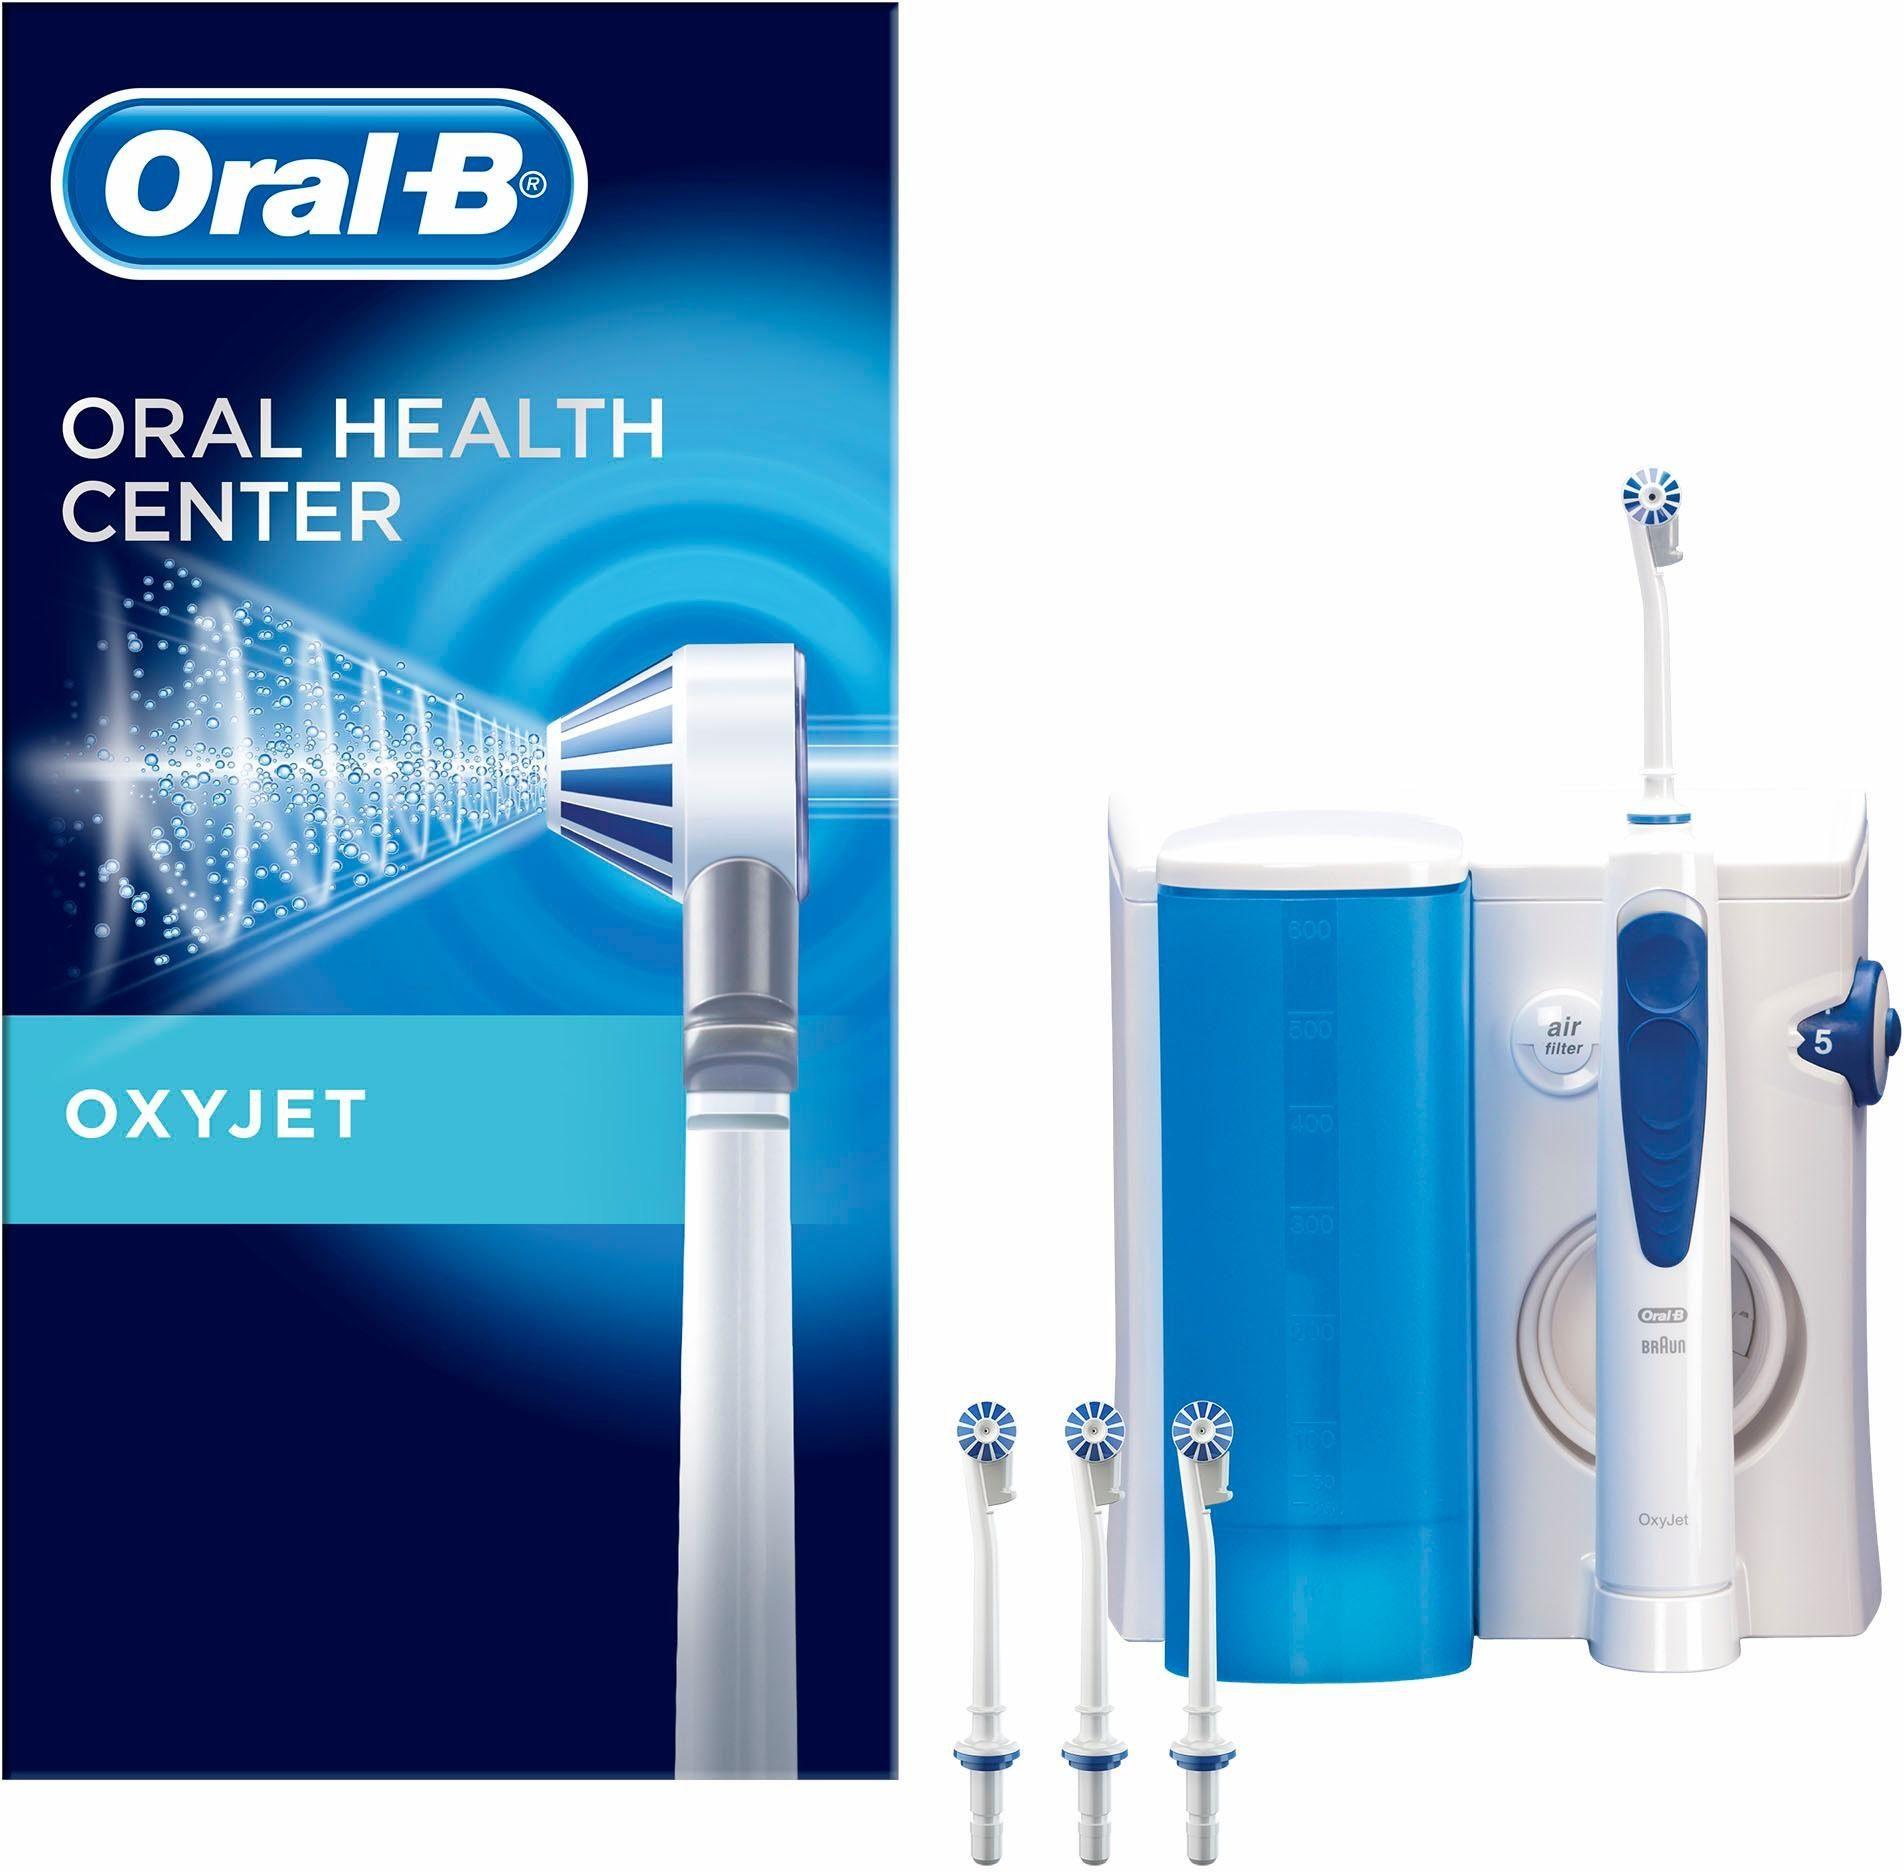 Oral-B Munddusche OxyJet Reinigungssystem